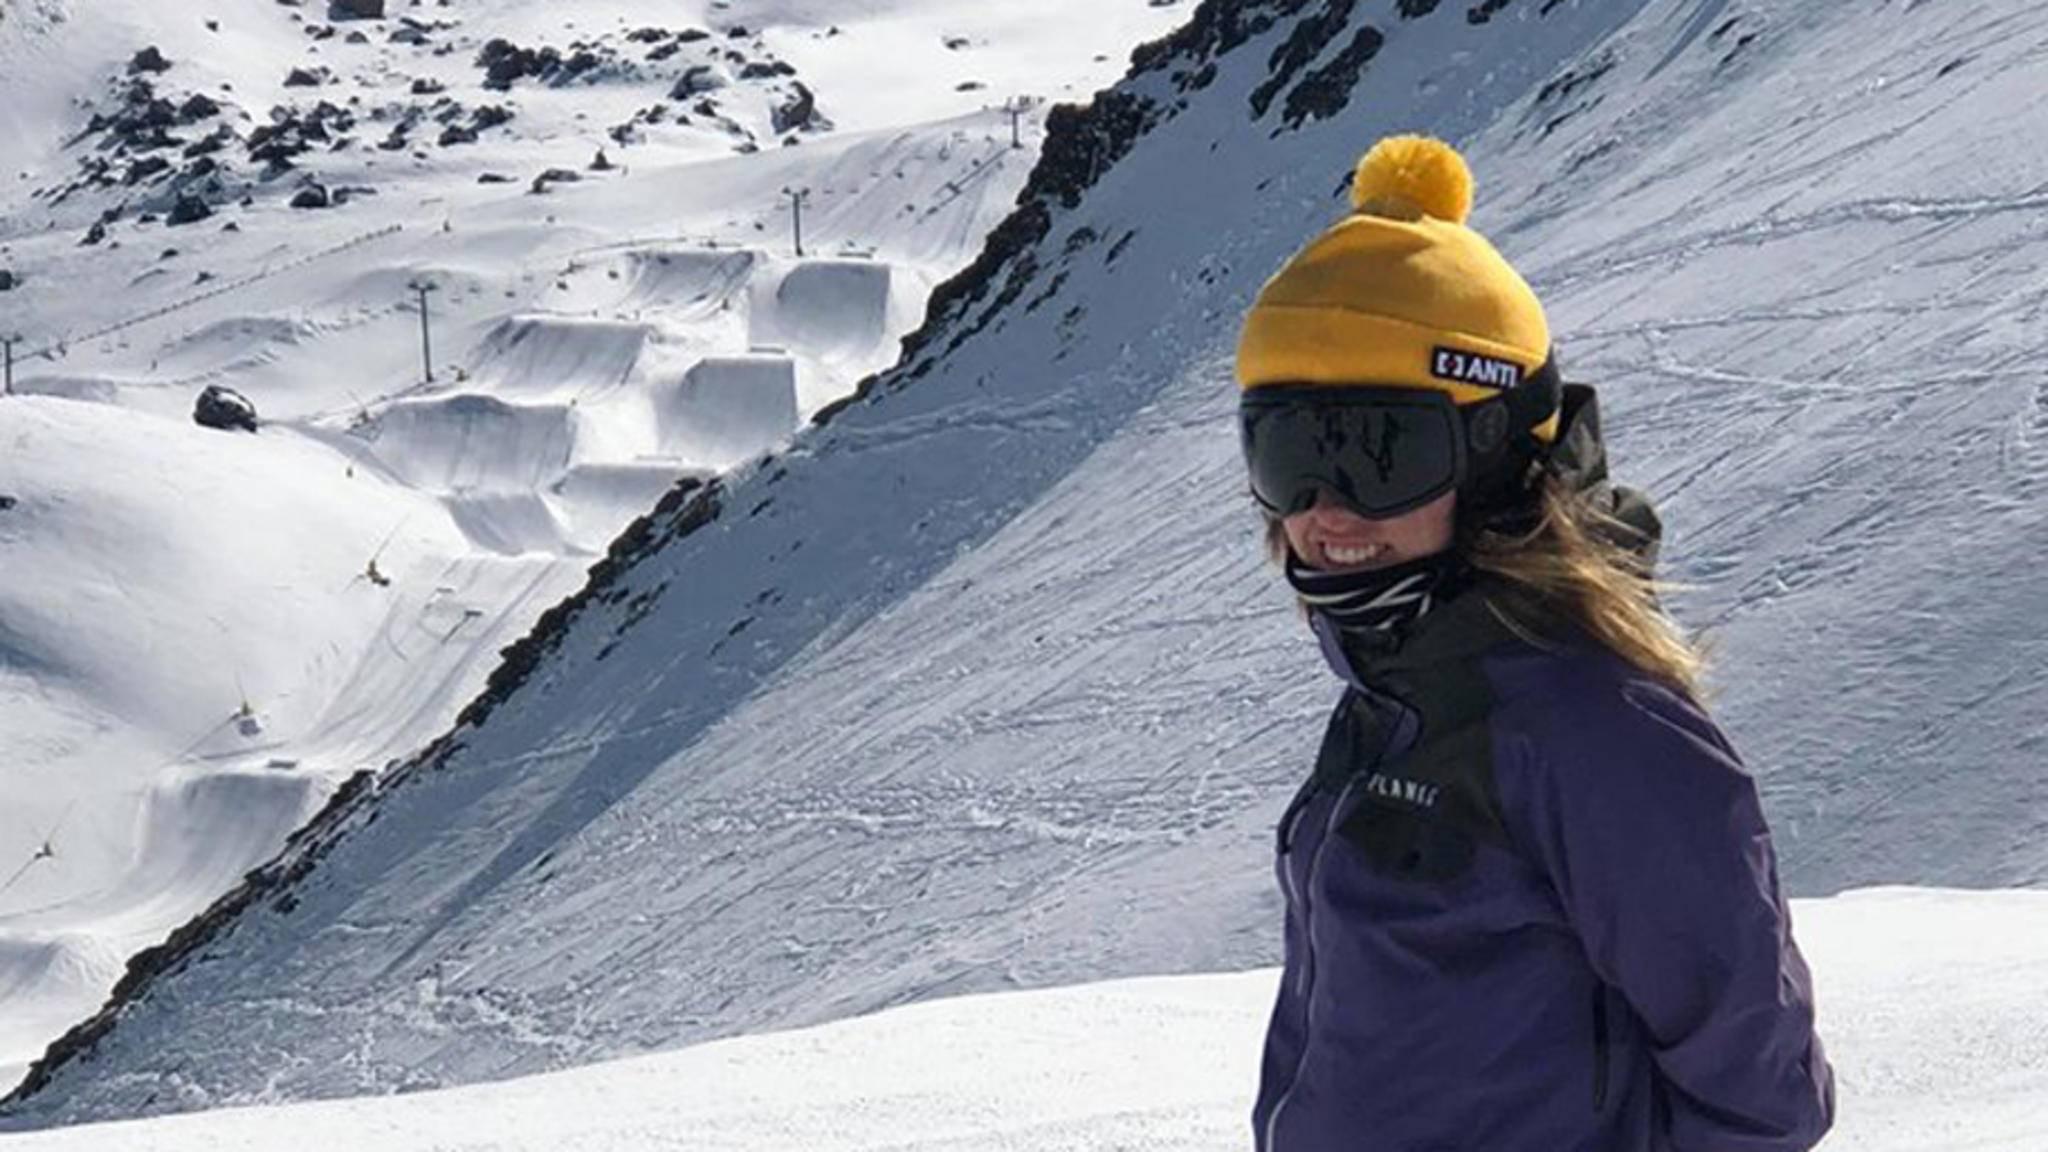 Hinter der Mütze Anti vermutet wohl niemand einen schützenden Helm.